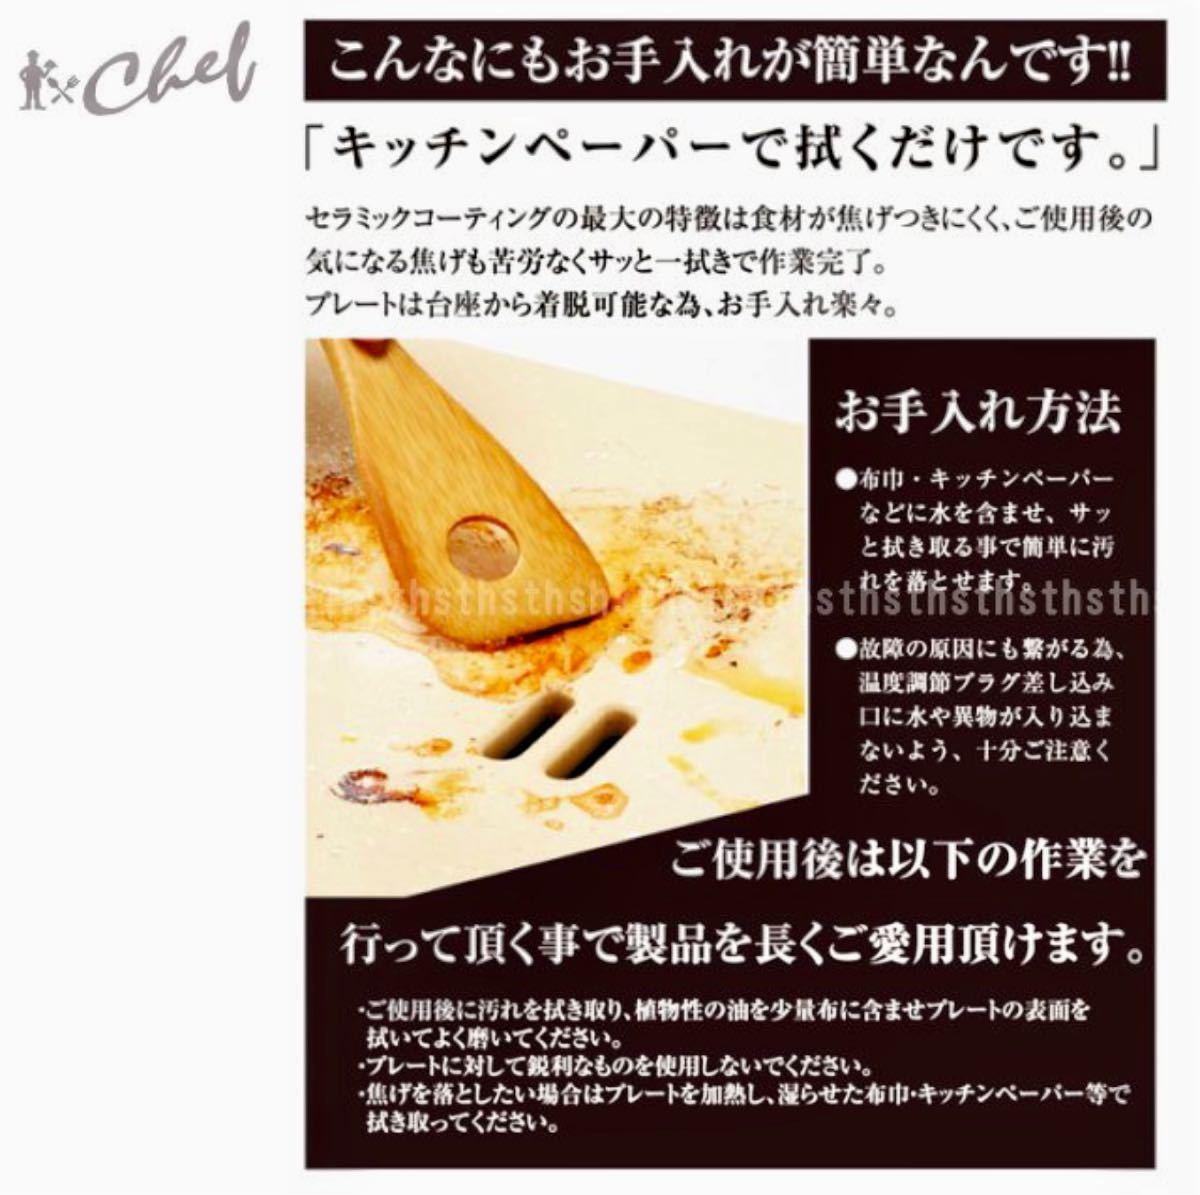 セラミックグリルプレート シェフ(chef) ホットプレート 焼き肉 ステーキに!